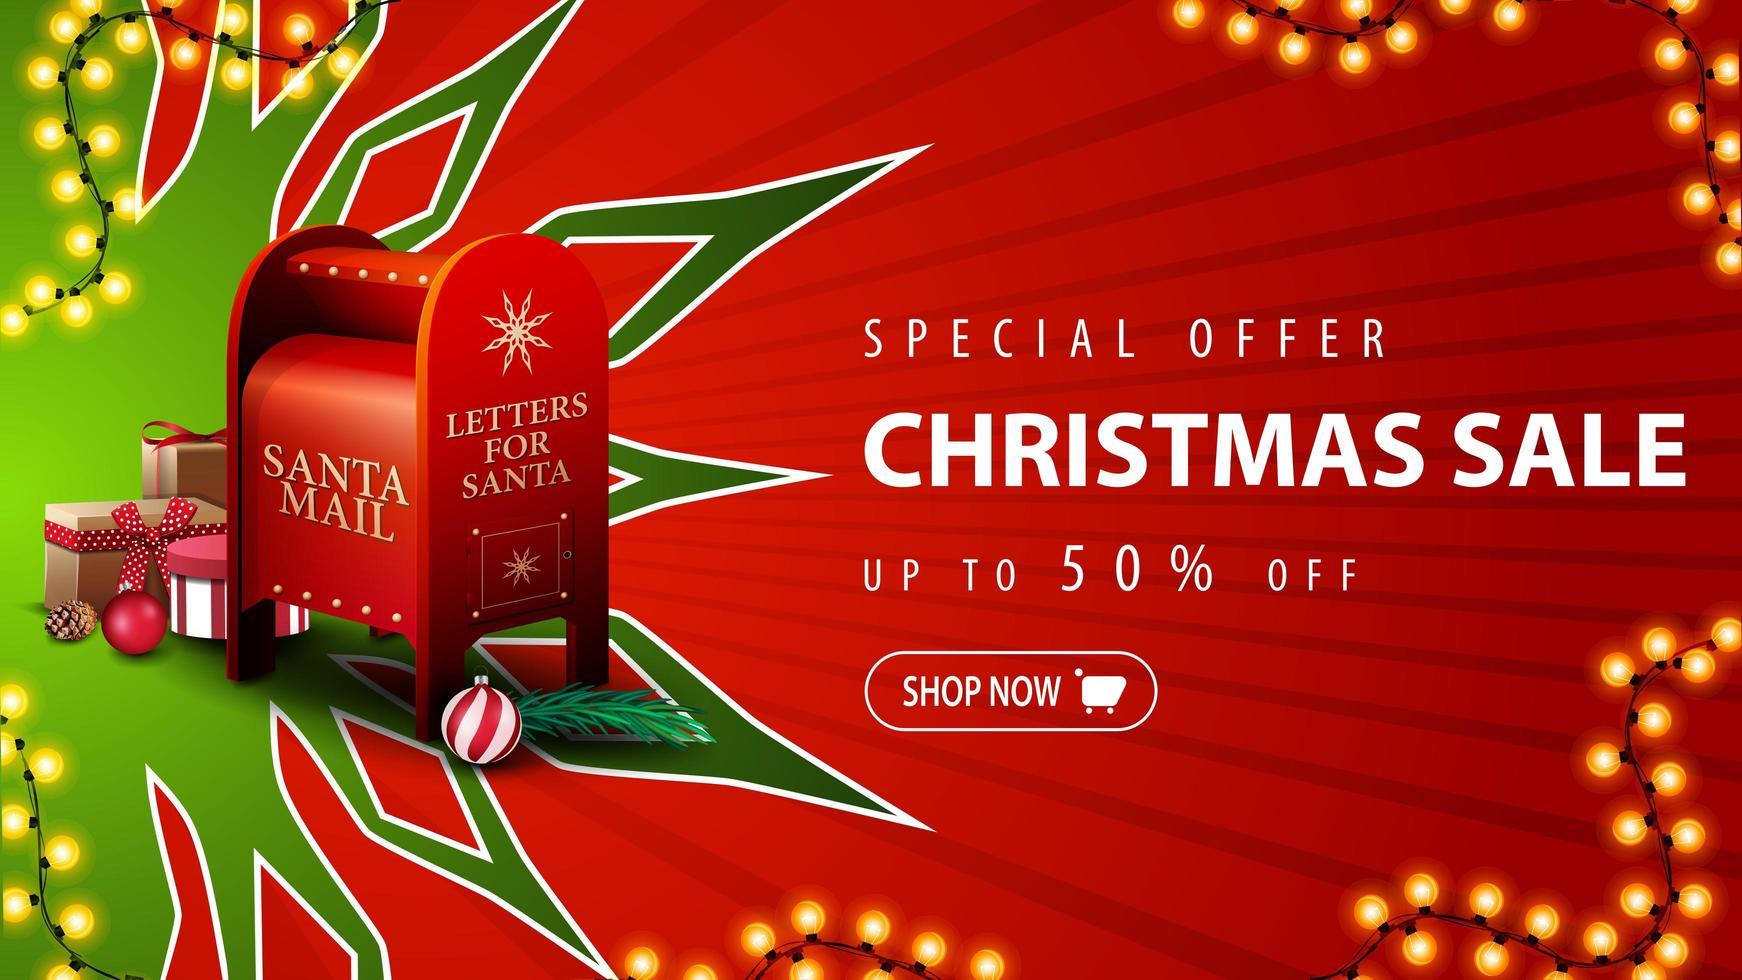 specialerbjudande, julförsäljning, upp till 50 rabatt, röd rabattbanner med stor grön snöflinga och santa brevlåda med presenter vektor